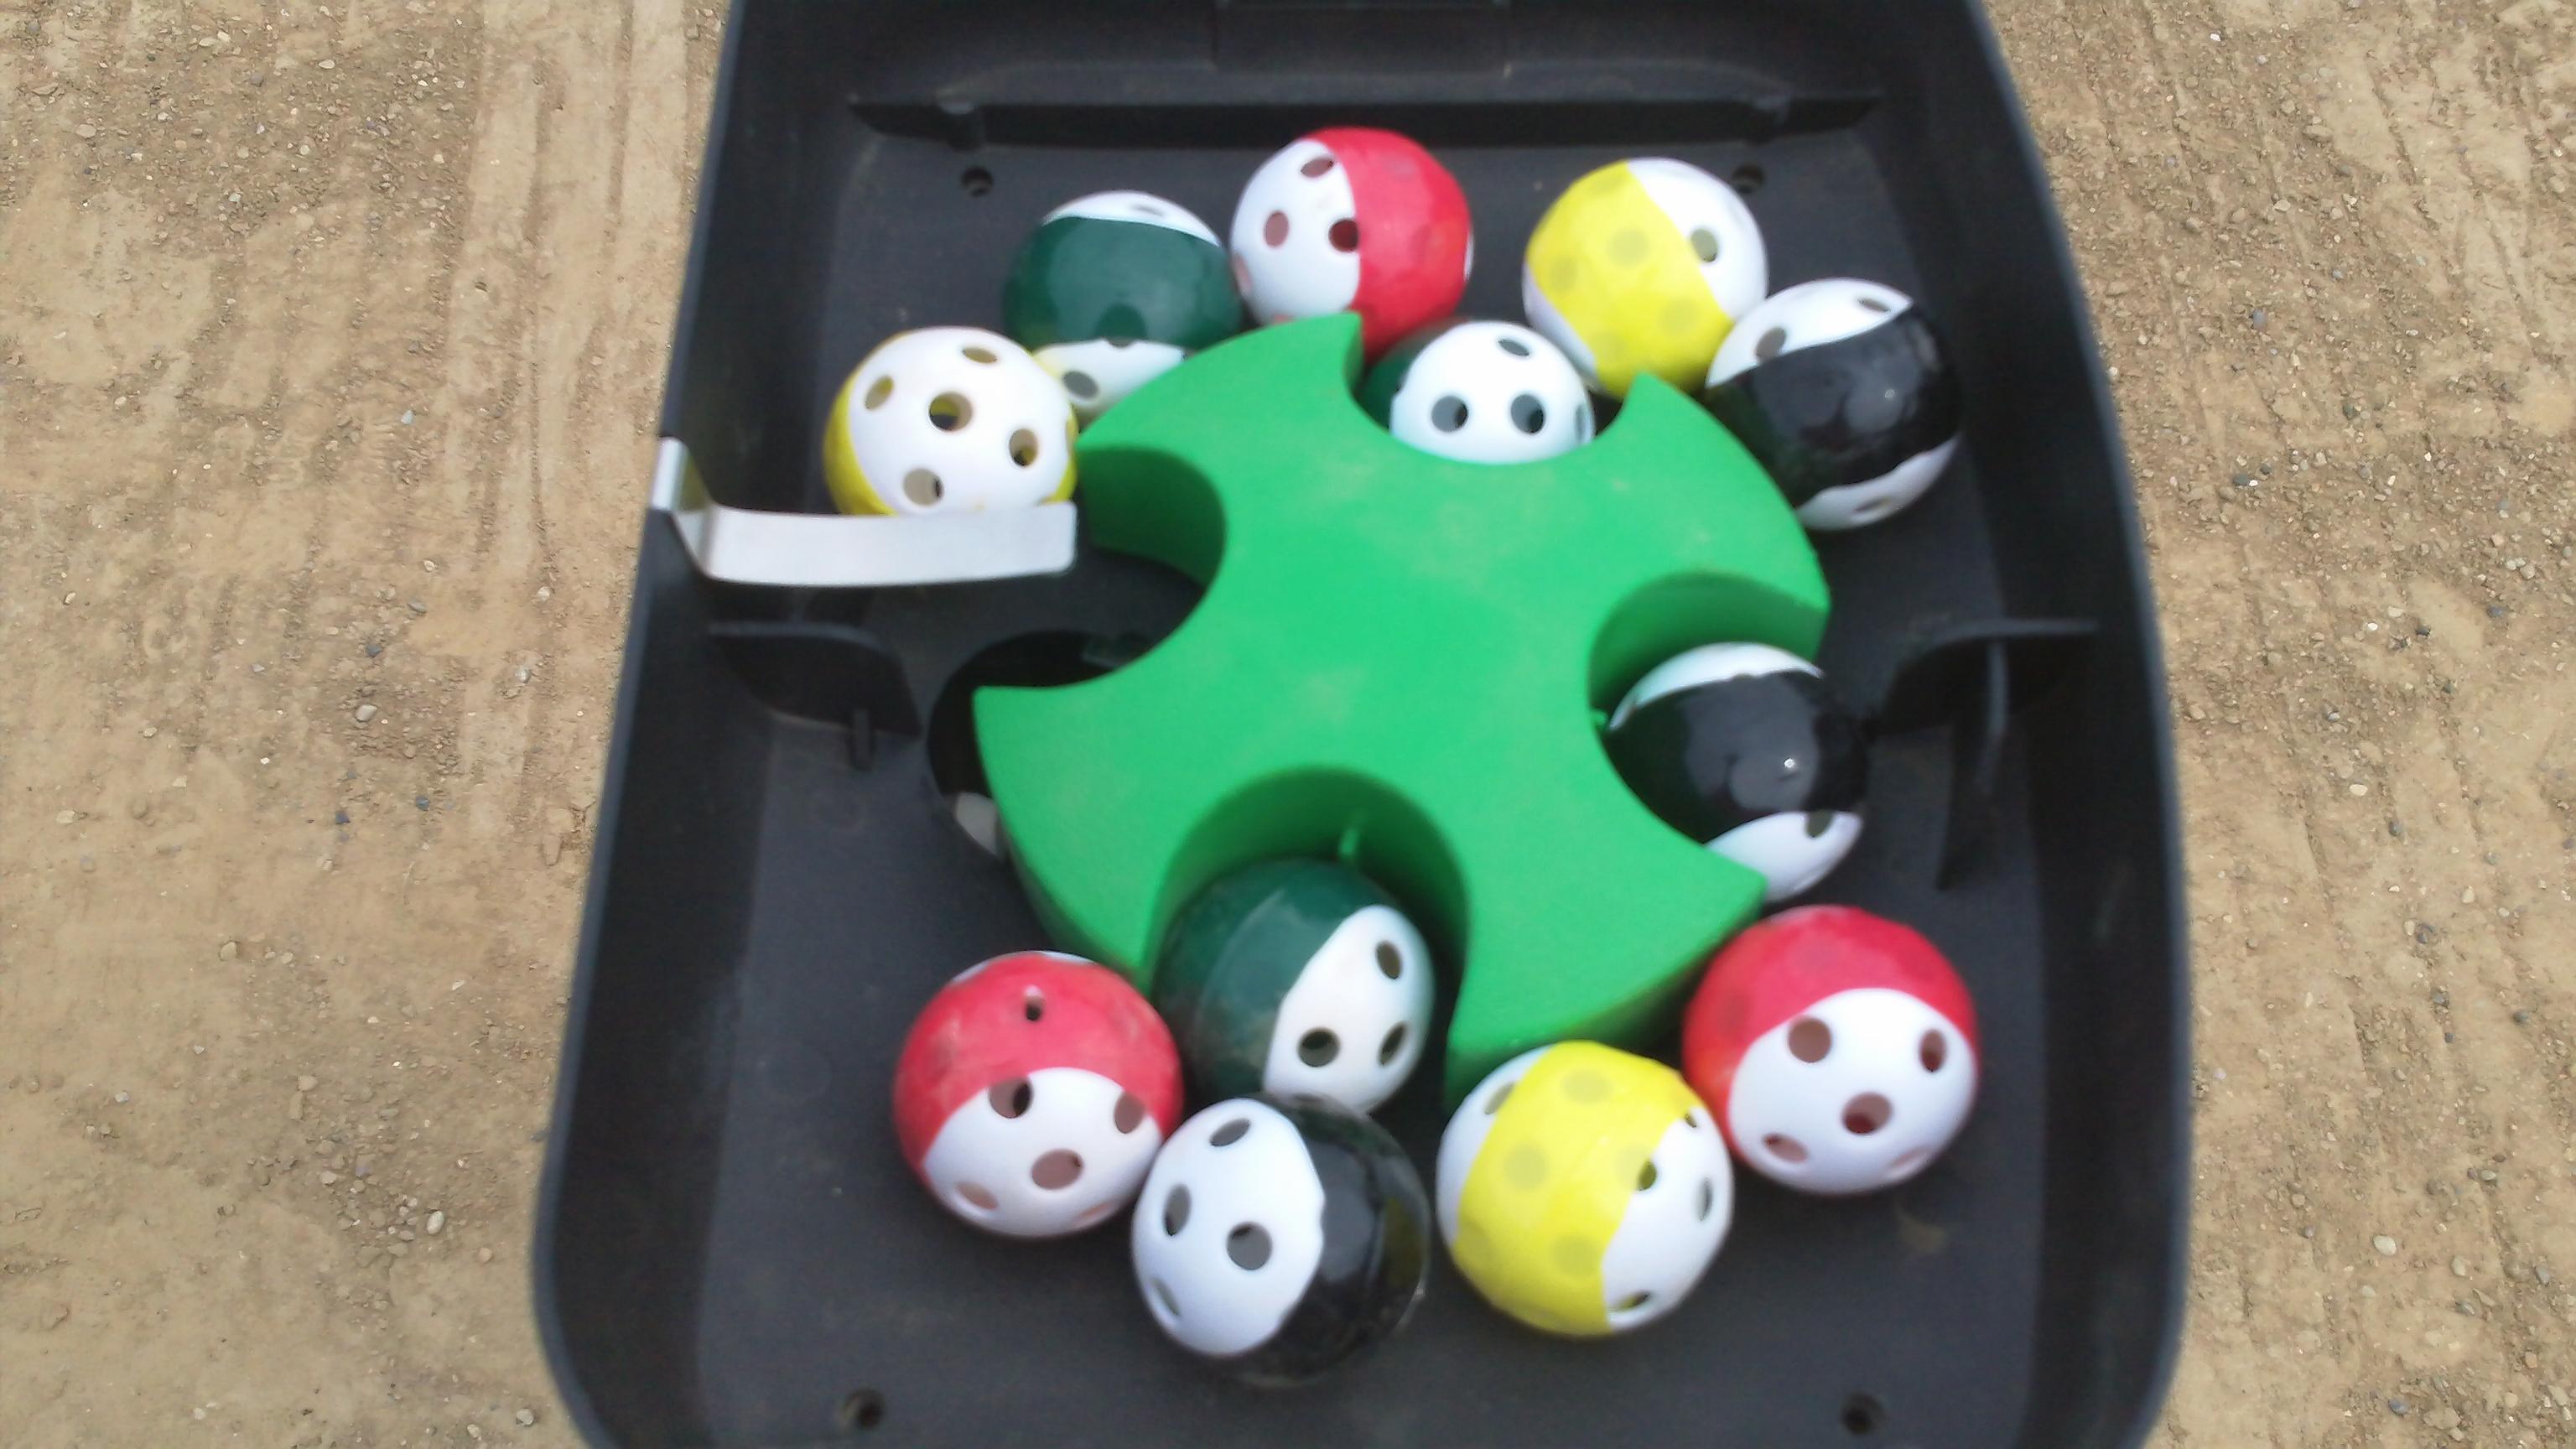 Focus Balls